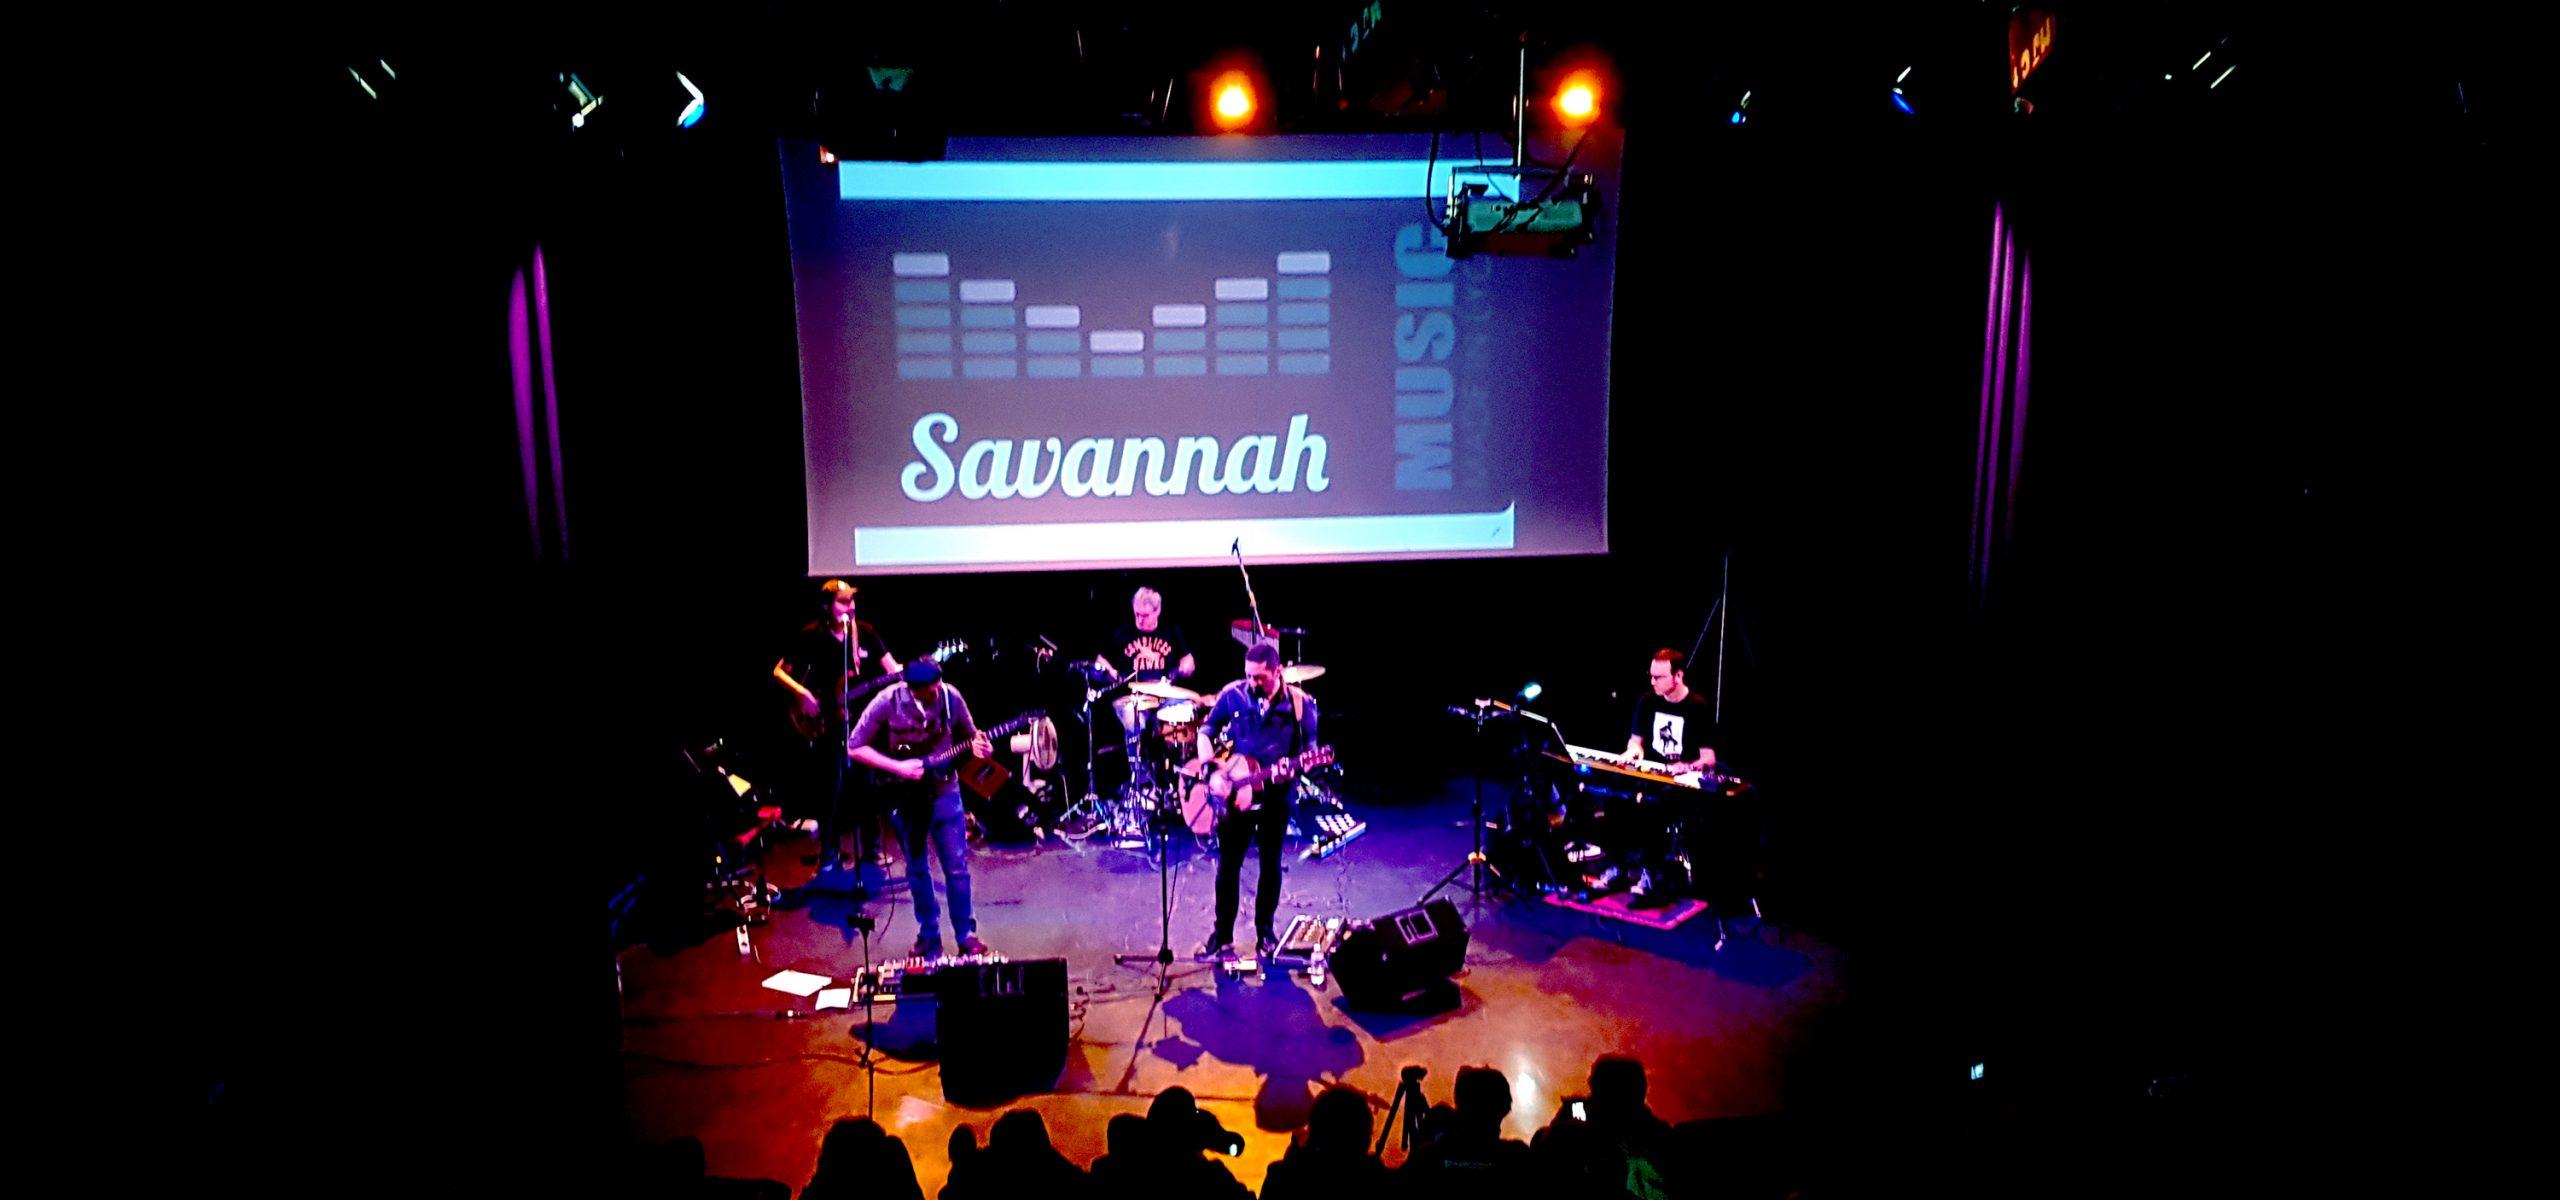 savannah-